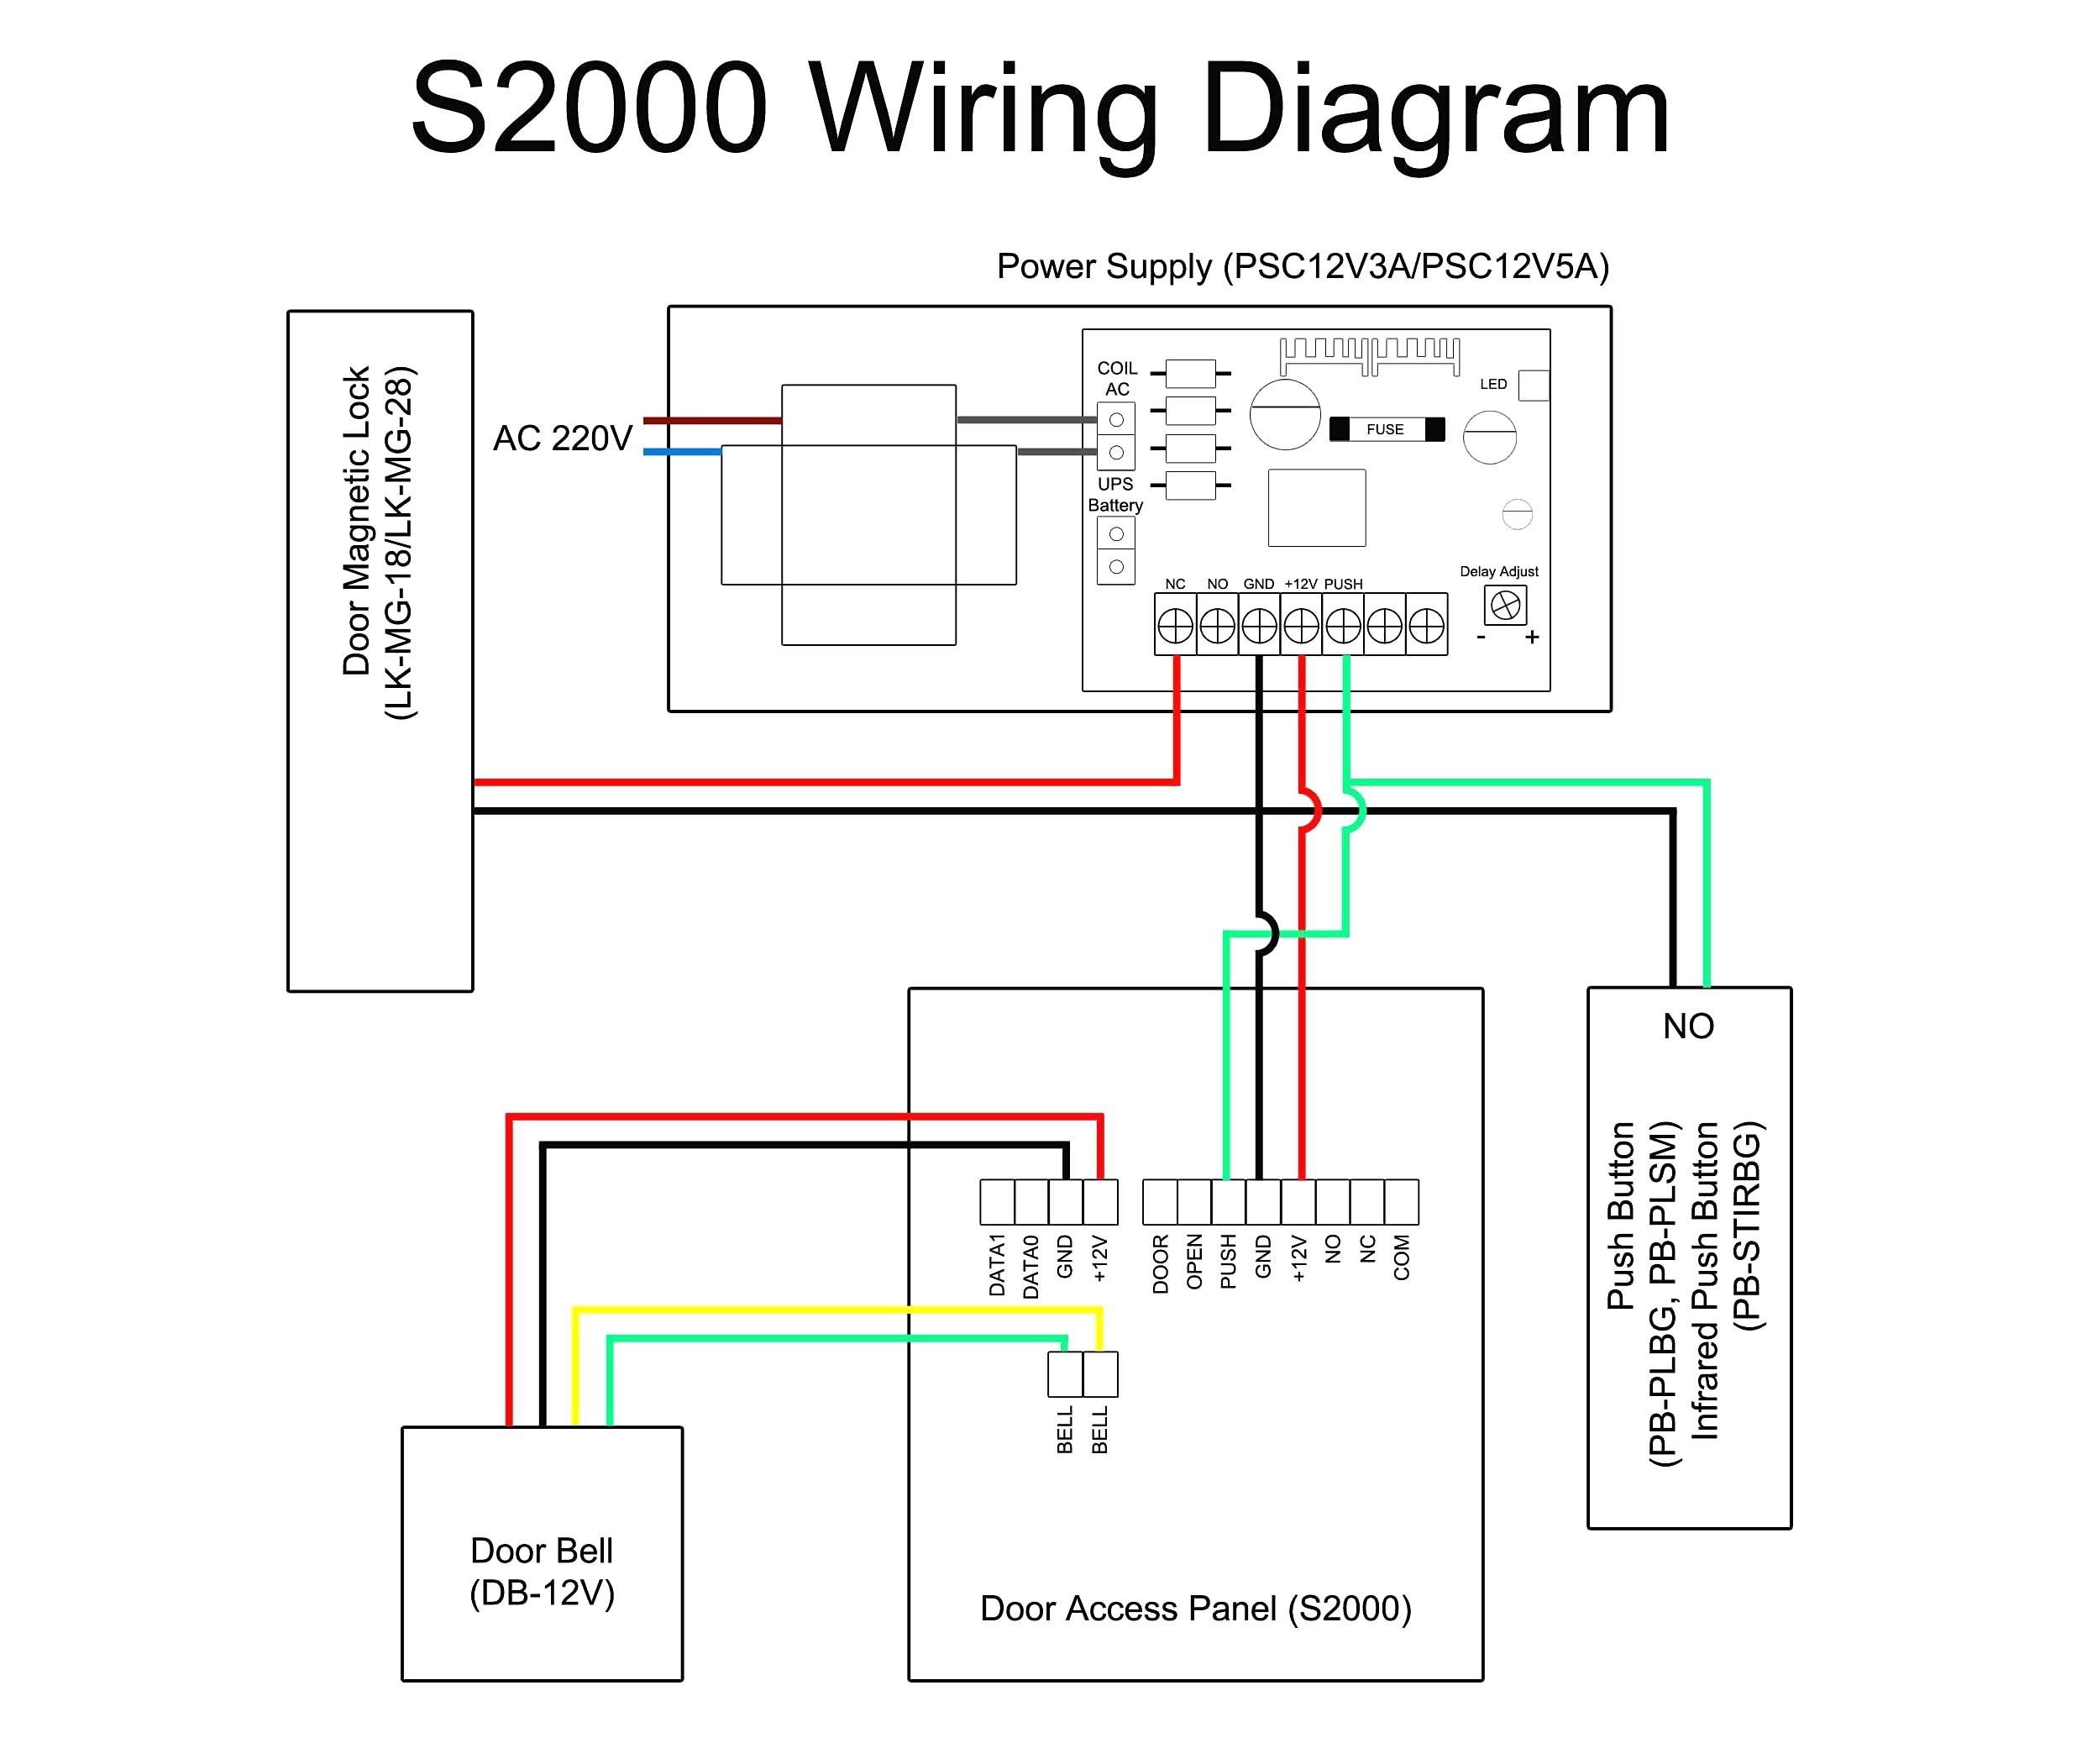 Cctv Wiring Diagram | Wiring Diagram